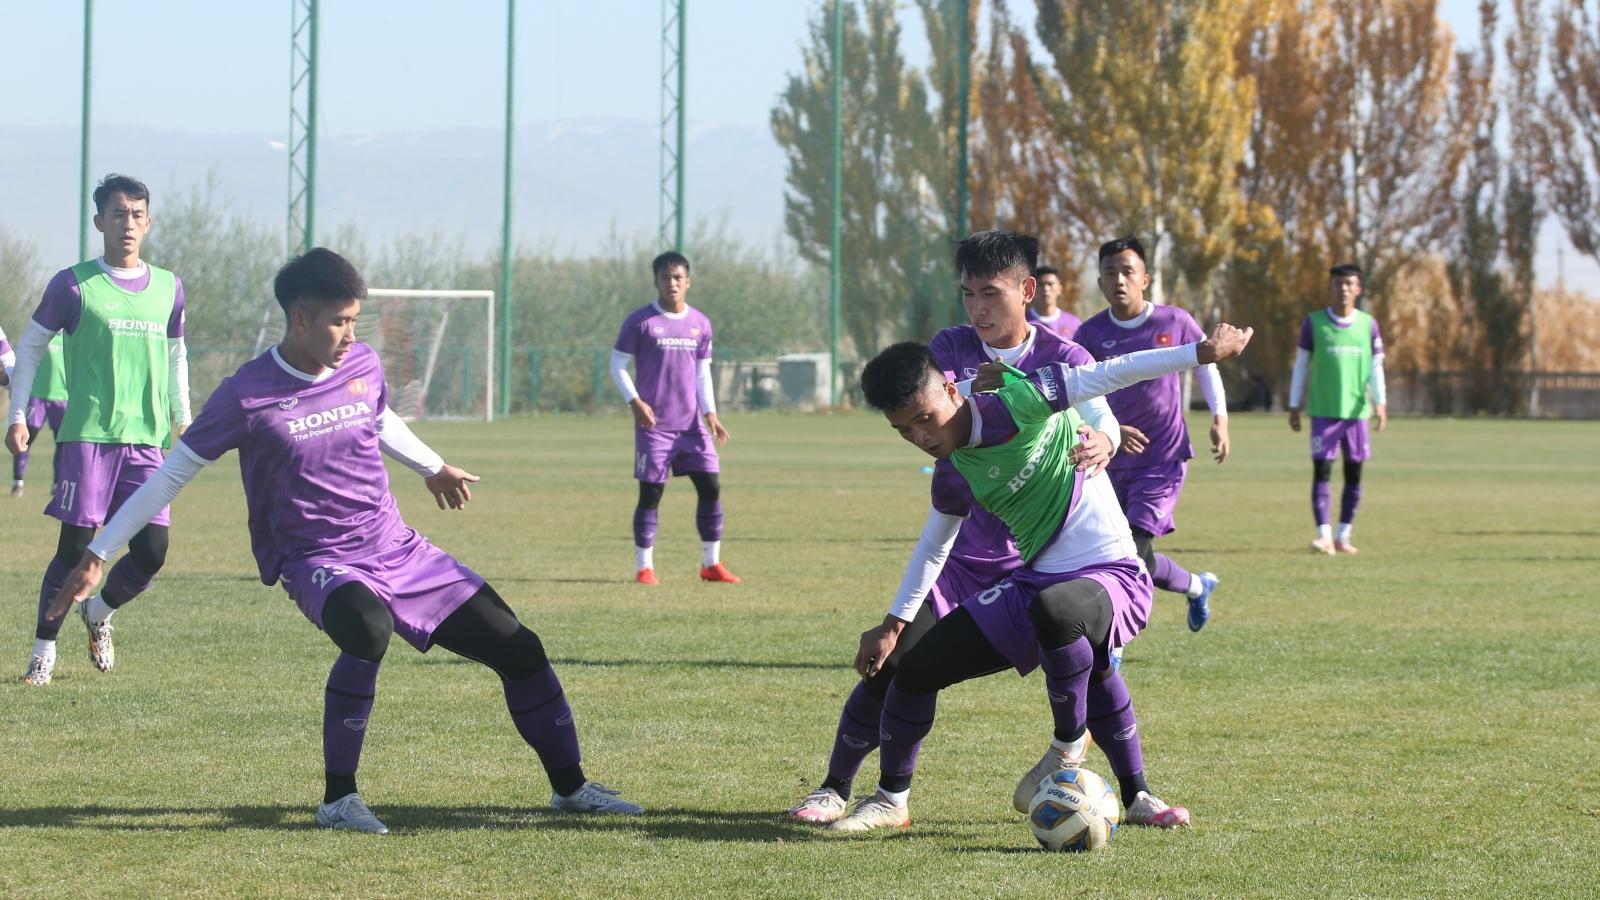 Lịch thi đấu bóng đá hôm nay 27/10: U23 Việt Nam so tài U23 Đài Bắc Trung Hoa